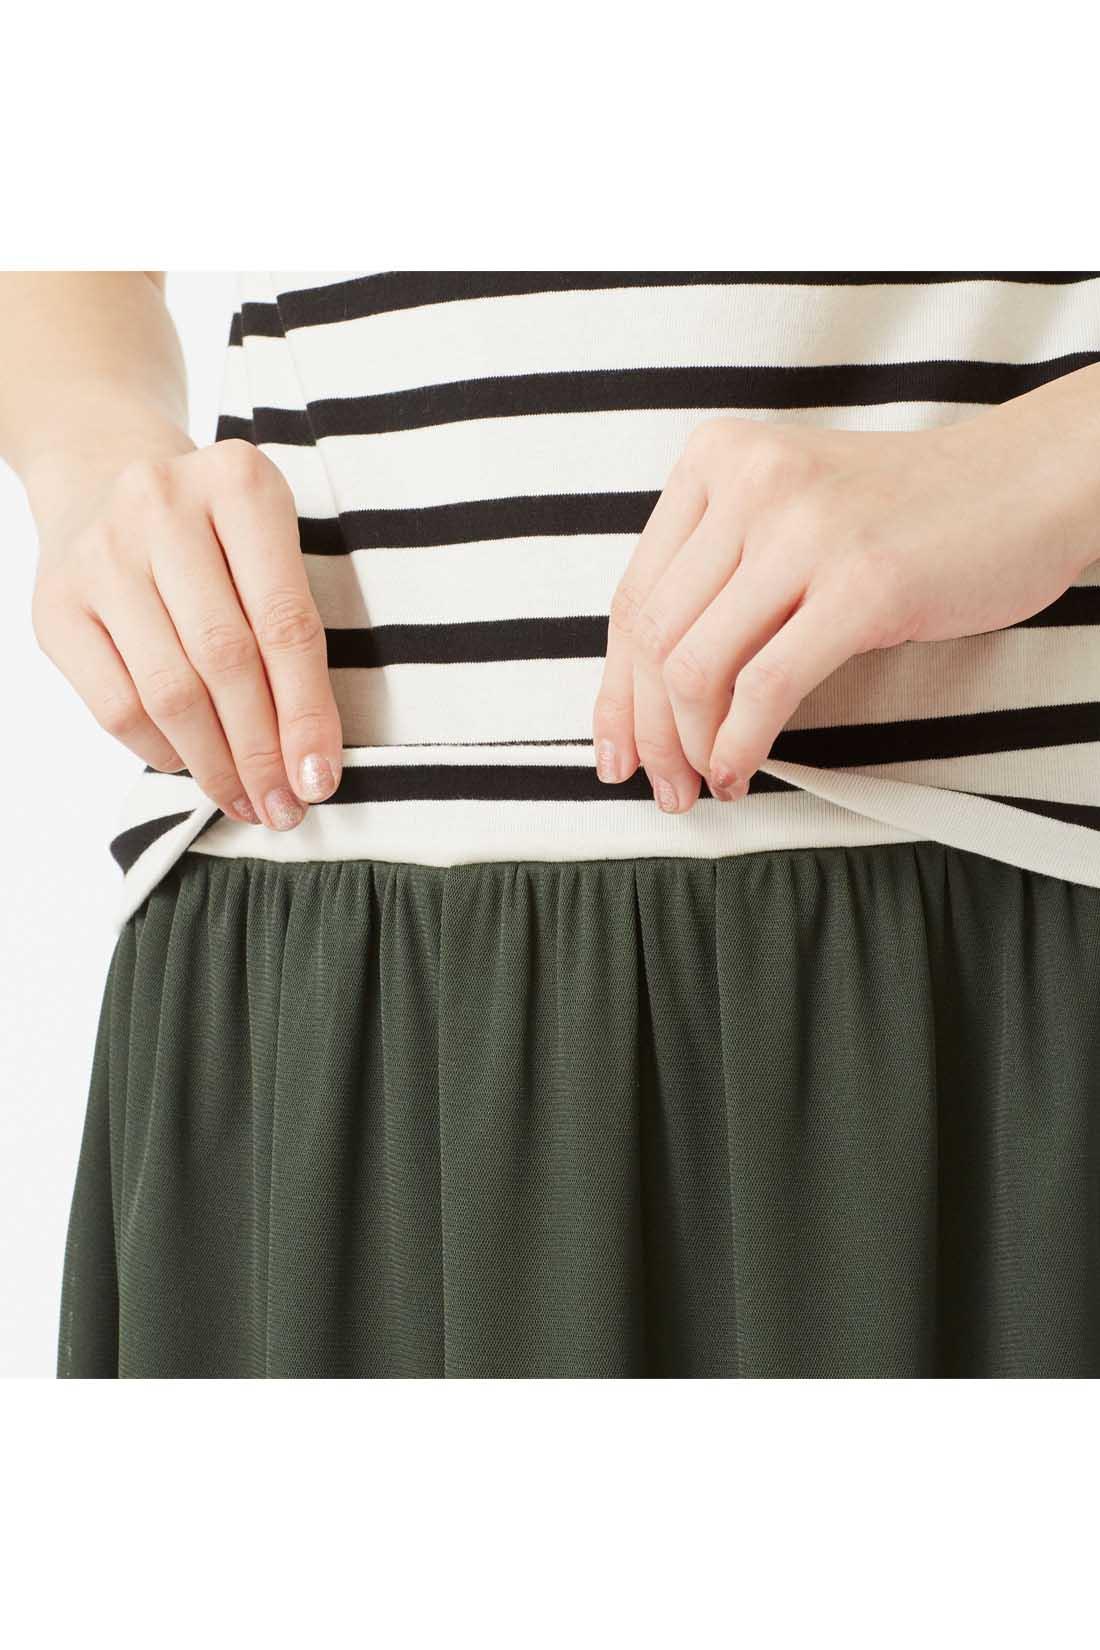 ドッキング部分はスカートにトップスを重ねたような自然な印象。 ※着用イメージです。お届けするカラーとは異なります。